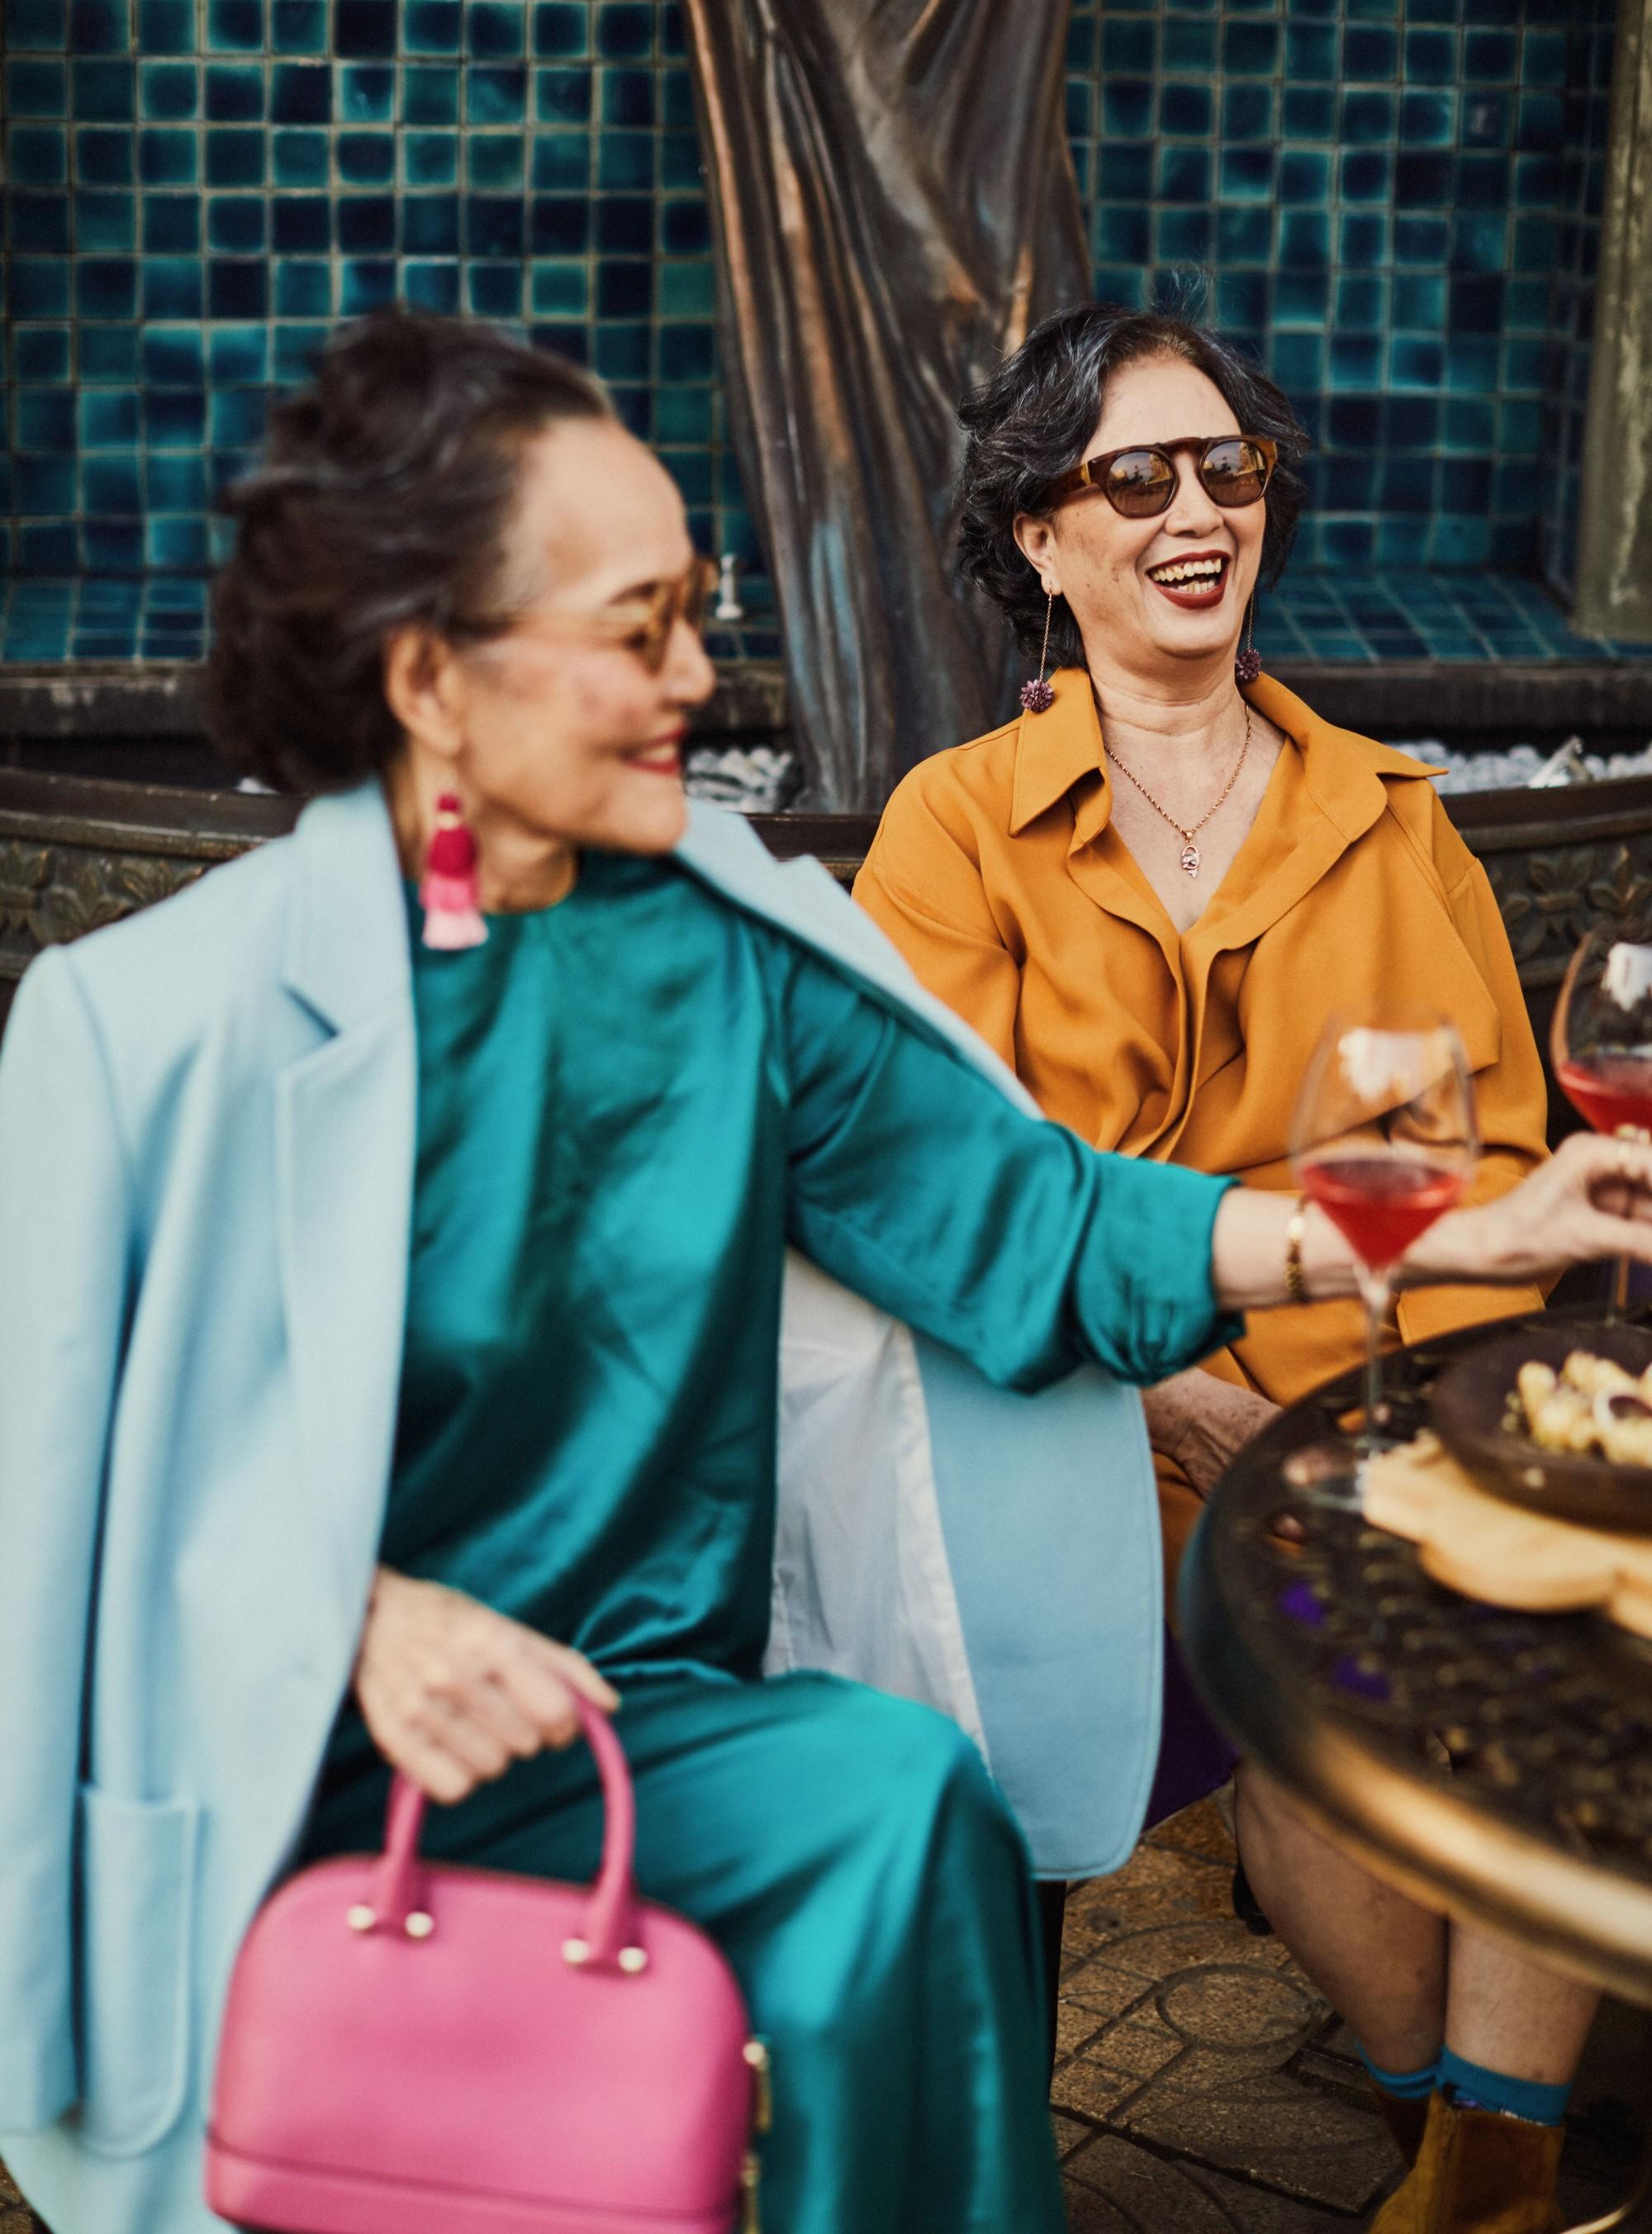 Bộ ảnh 4 người bạn thân khi về già vẫn xinh đẹp lộng lẫy, hạnh phúc bên nhau khiến bao chị em ghen tị ngày 8/3 5